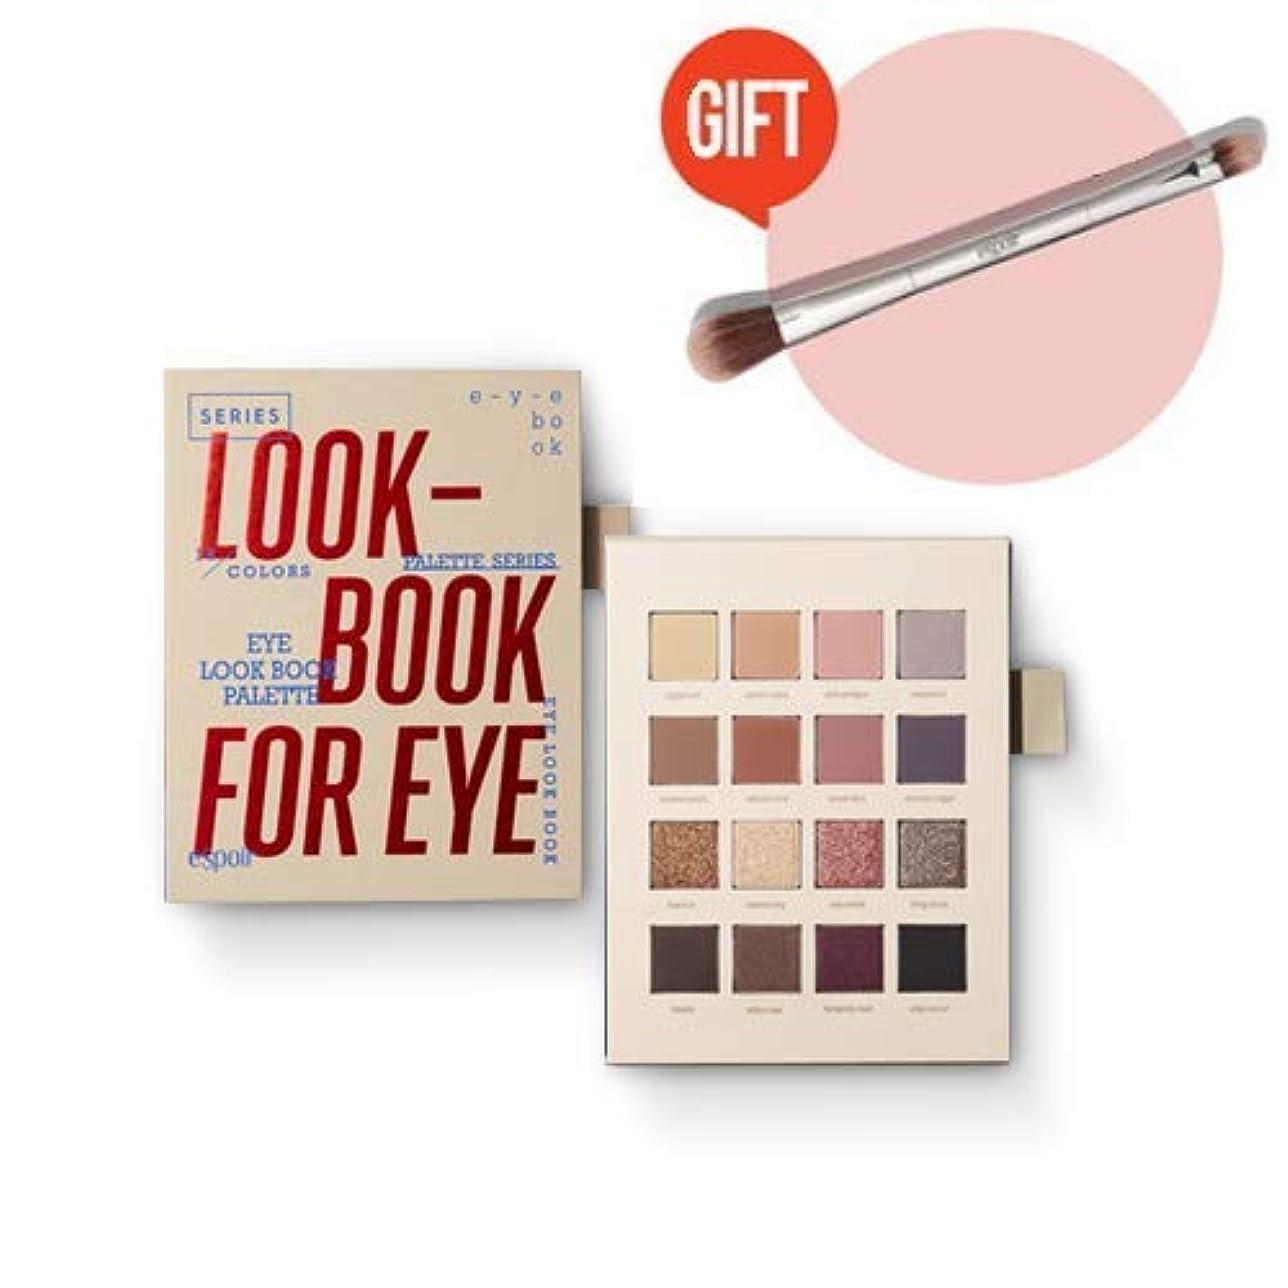 病院すずめ道路エスプア アイ ルック ブック 2 (F/W EDITION) / eSpoir Eye Look Book 2 (F/W EDITION) [並行輸入品]